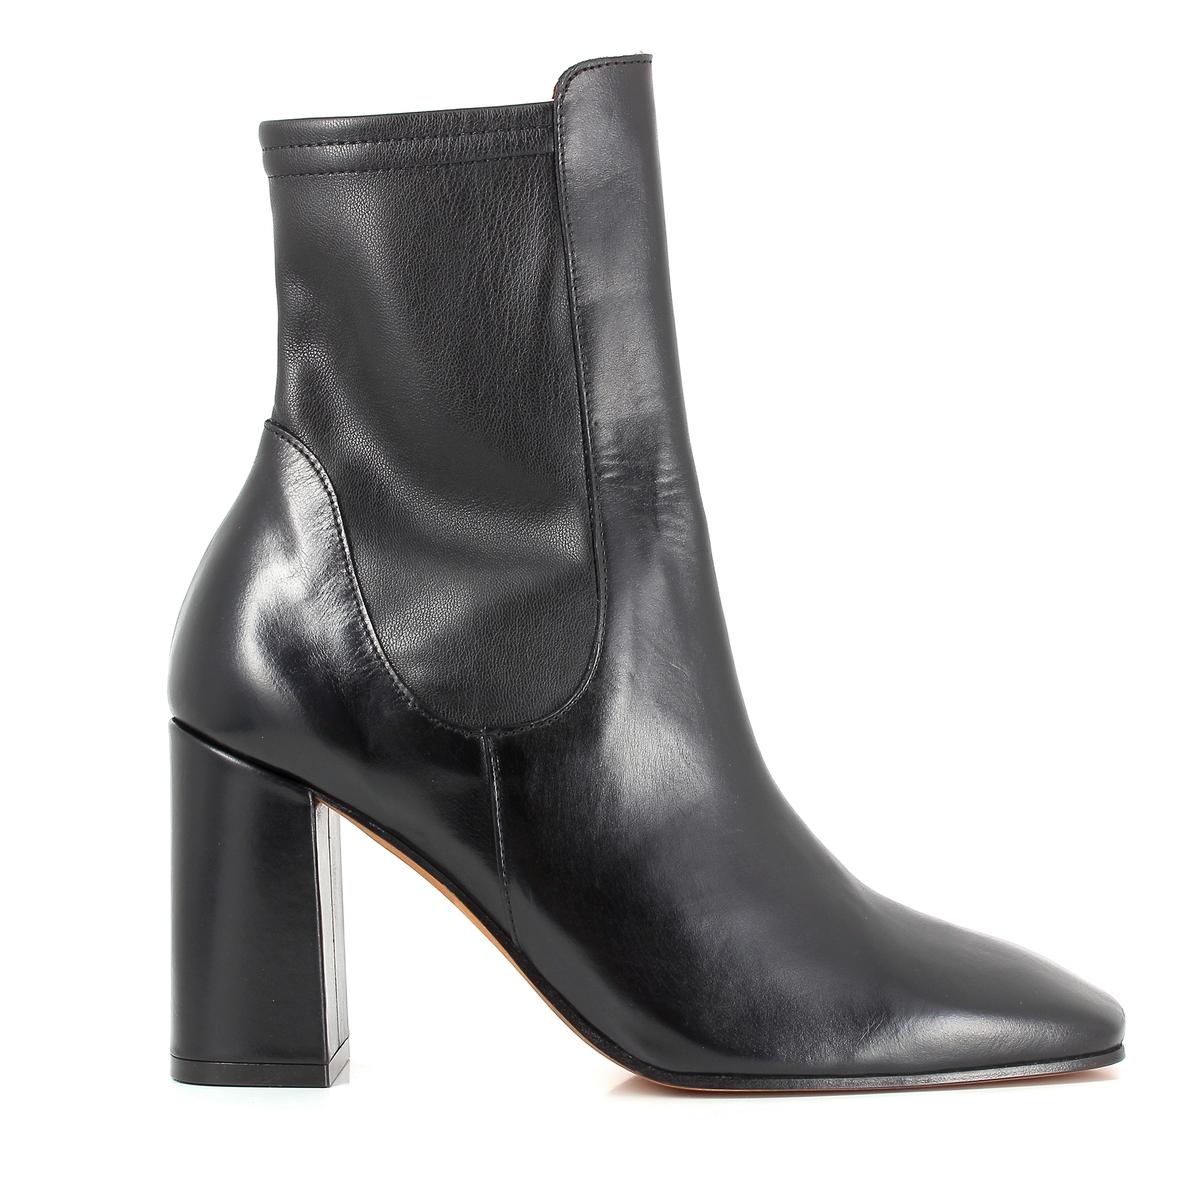 Ботильоны на каблуке PIDGIПодкладка : Кожа    Стелька : Кожа    Подошва : Кожа     Высота каблука : 8,7 cm   Форма каблука : Широкий  Носок : Квадратный мысок          Застежка : На молнии<br><br>Цвет: черный